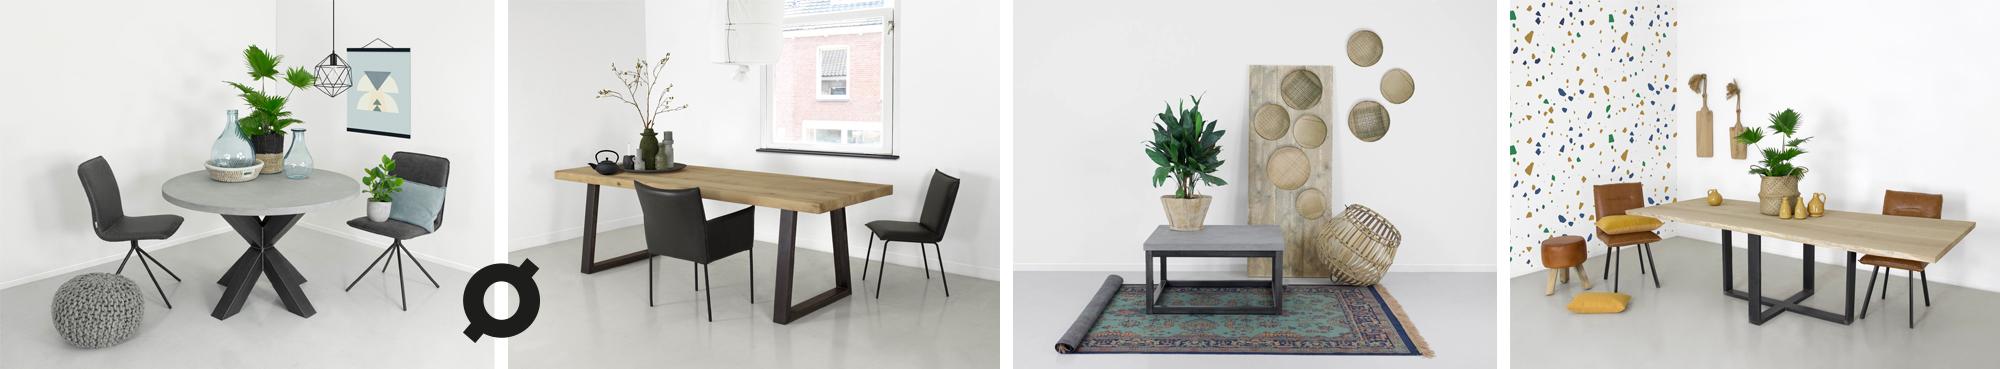 Betonlook tafels en rustiek eiken tafels maatwerk